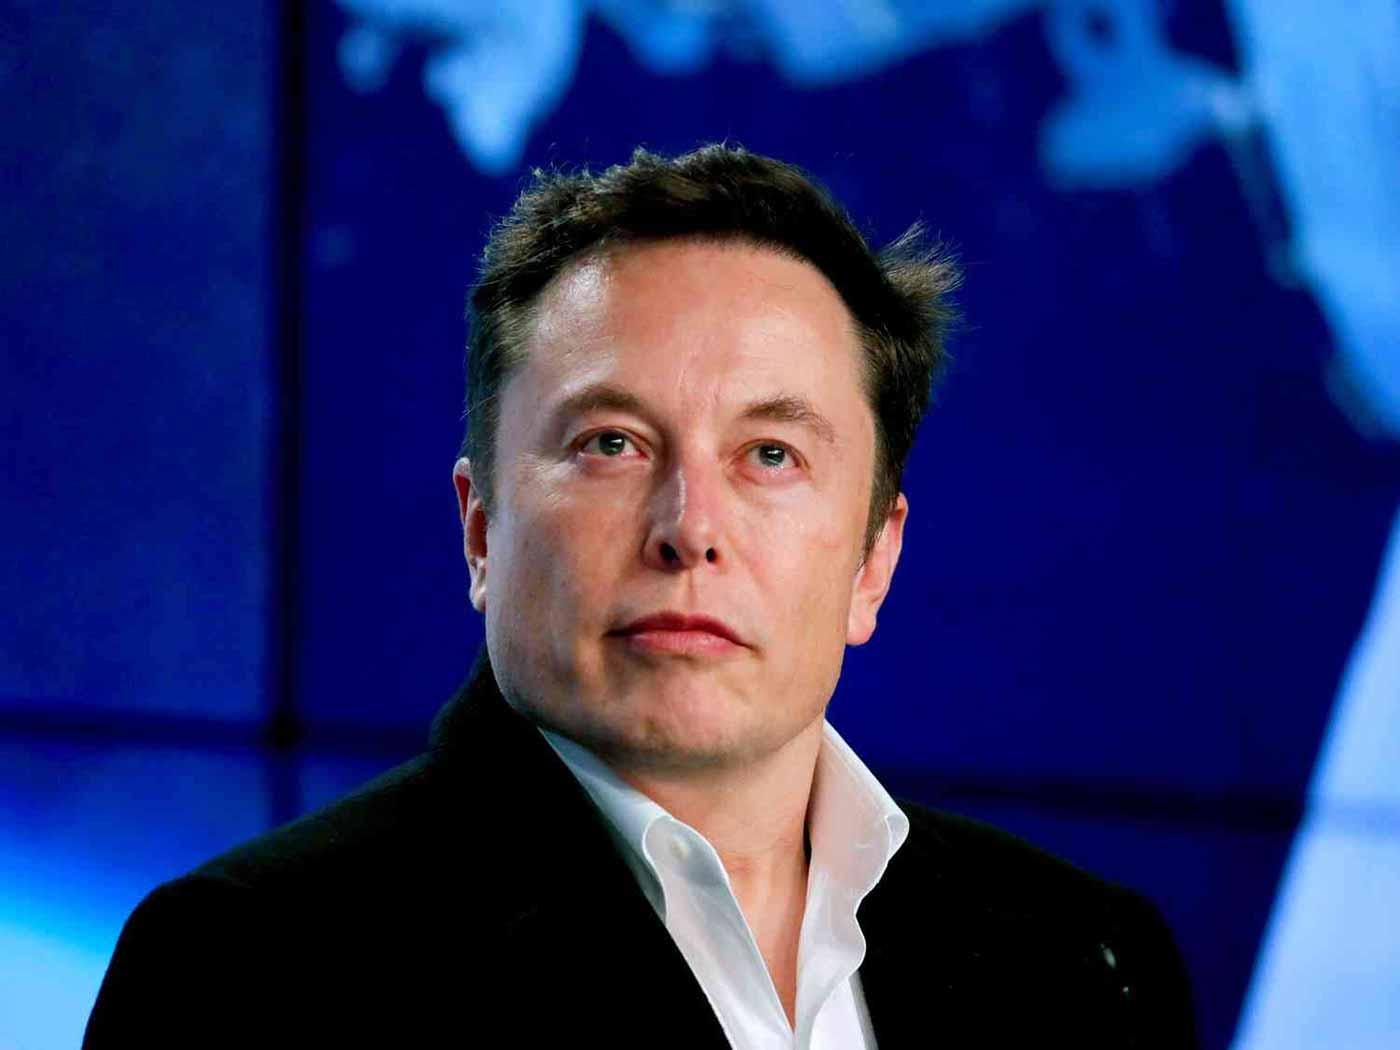 تغريدات إيلون ماسك تحرك الأسواق.. والمستثمرون قلقون - الاقتصادي - الاقتصاد  العالمي - البيان